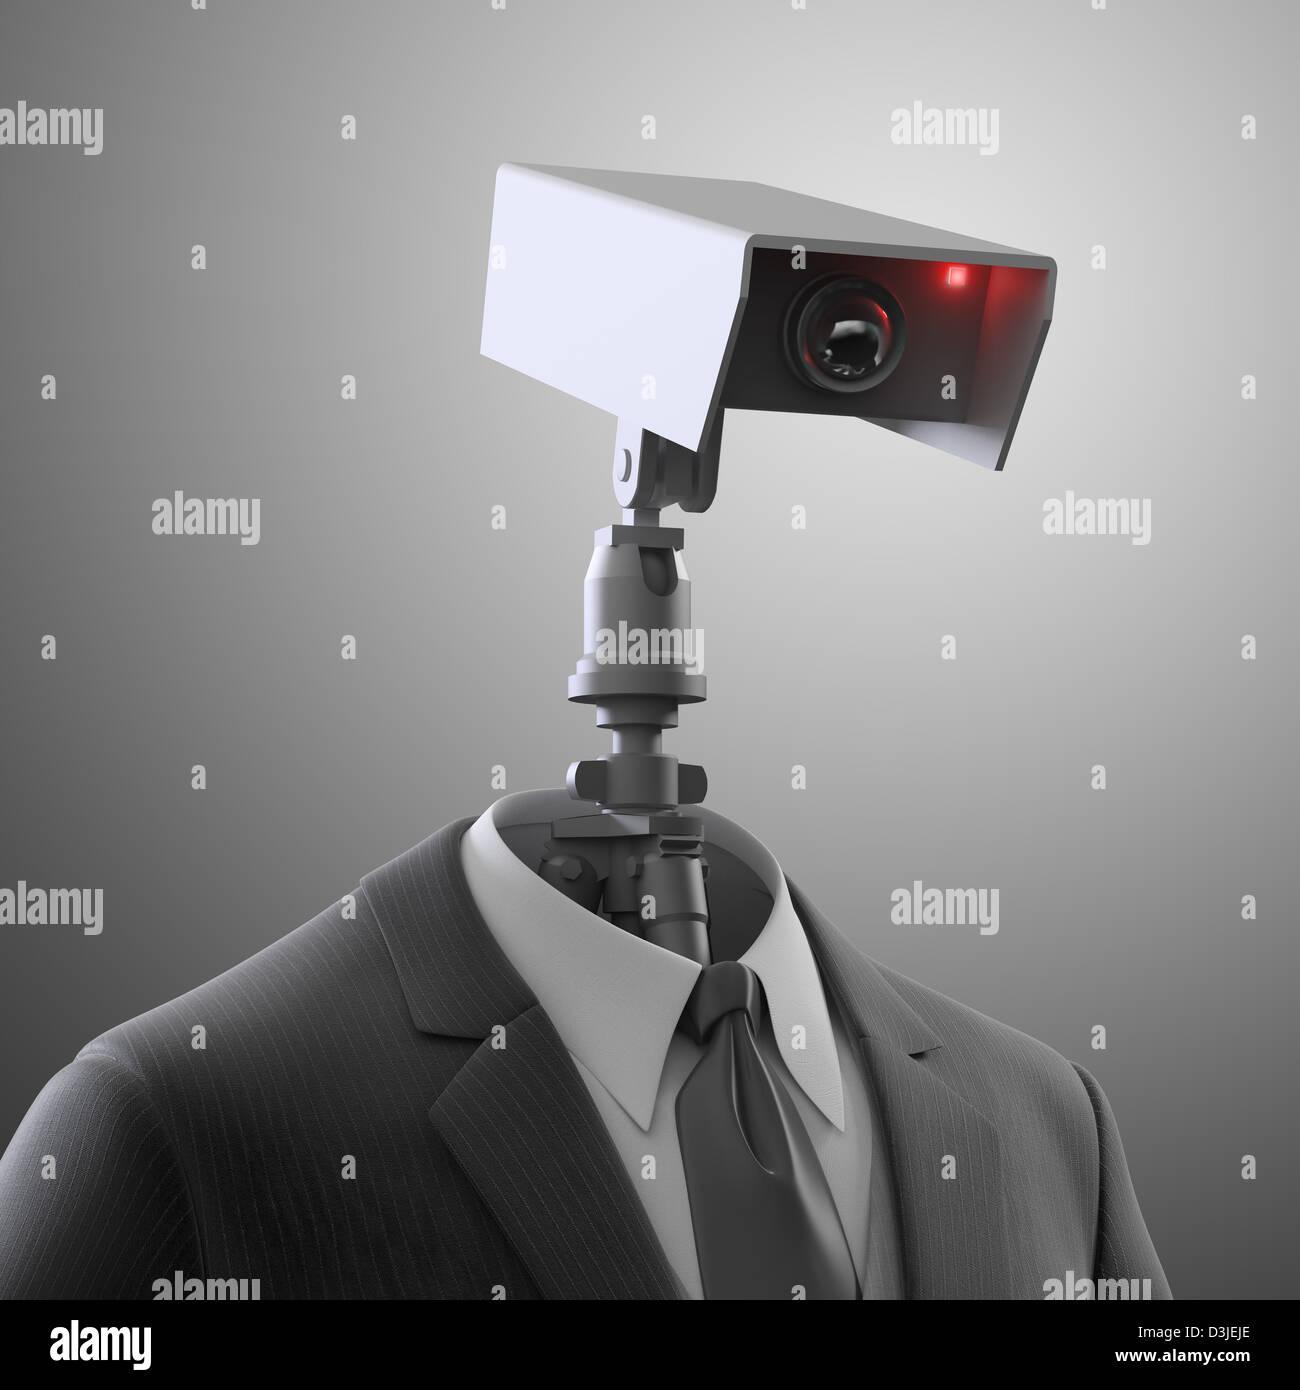 Un robot caméra de sécurité - surveillance automatisée Photo Stock